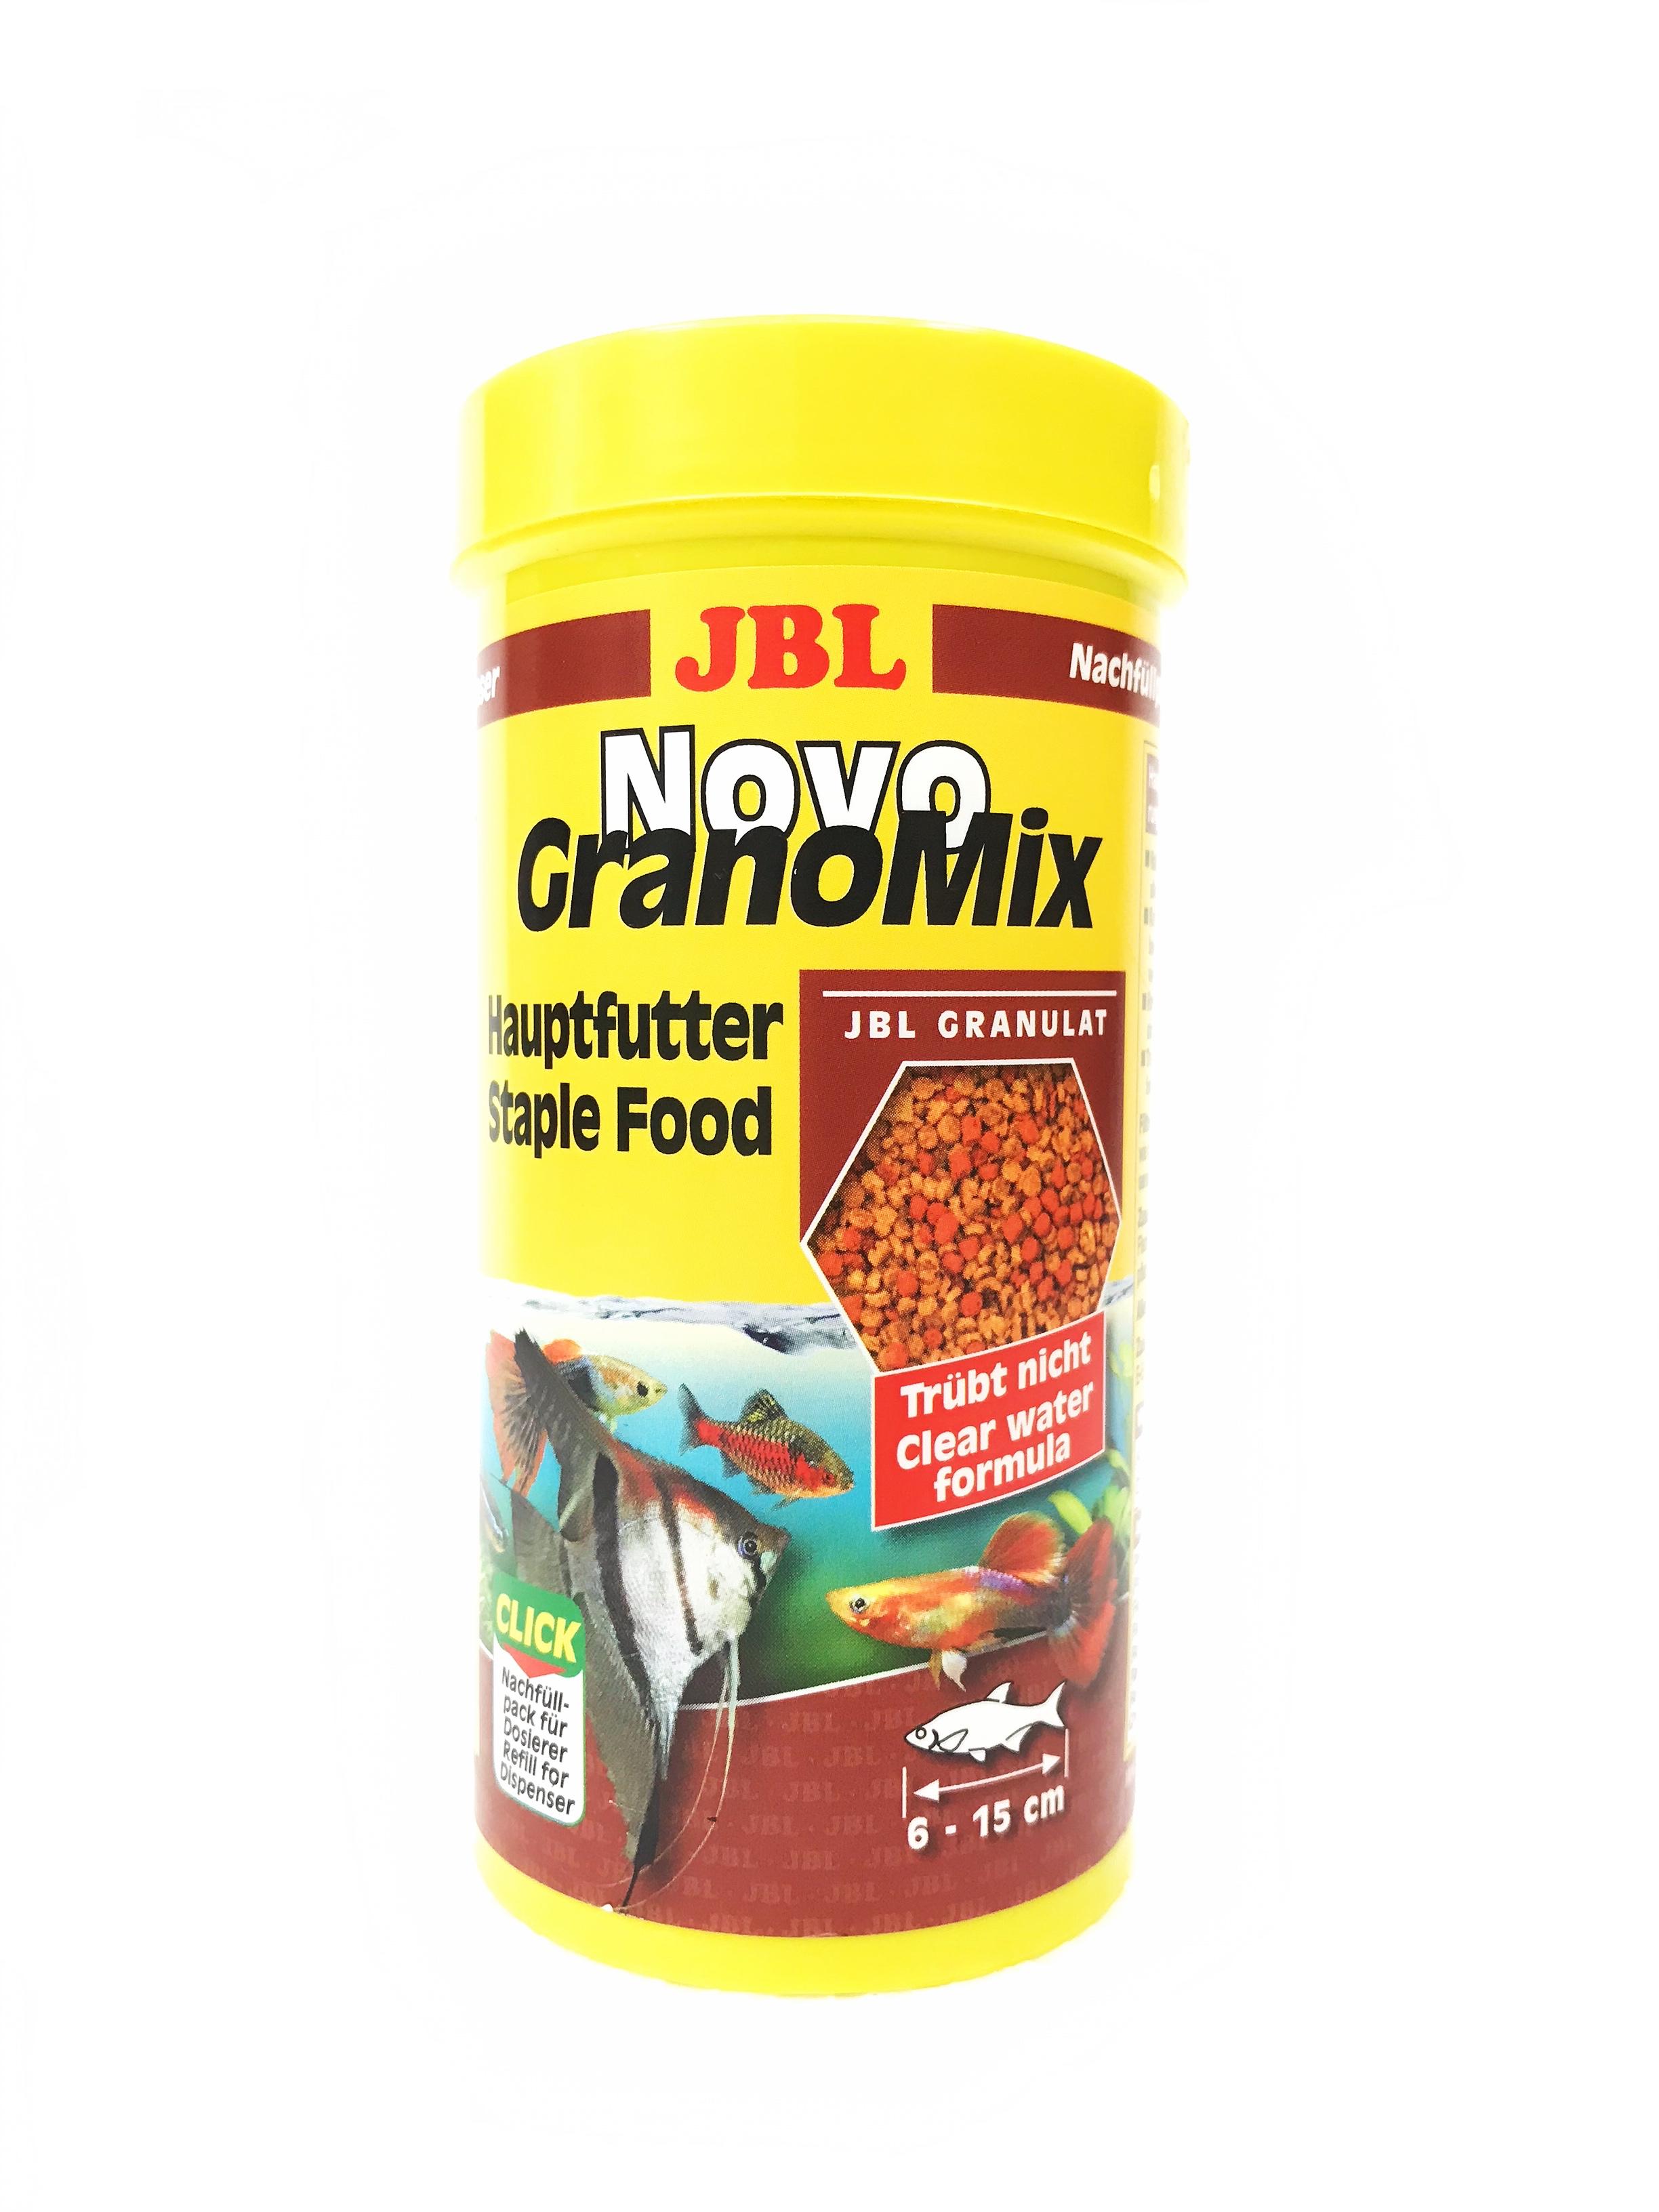 JBL NovoGrano Mix